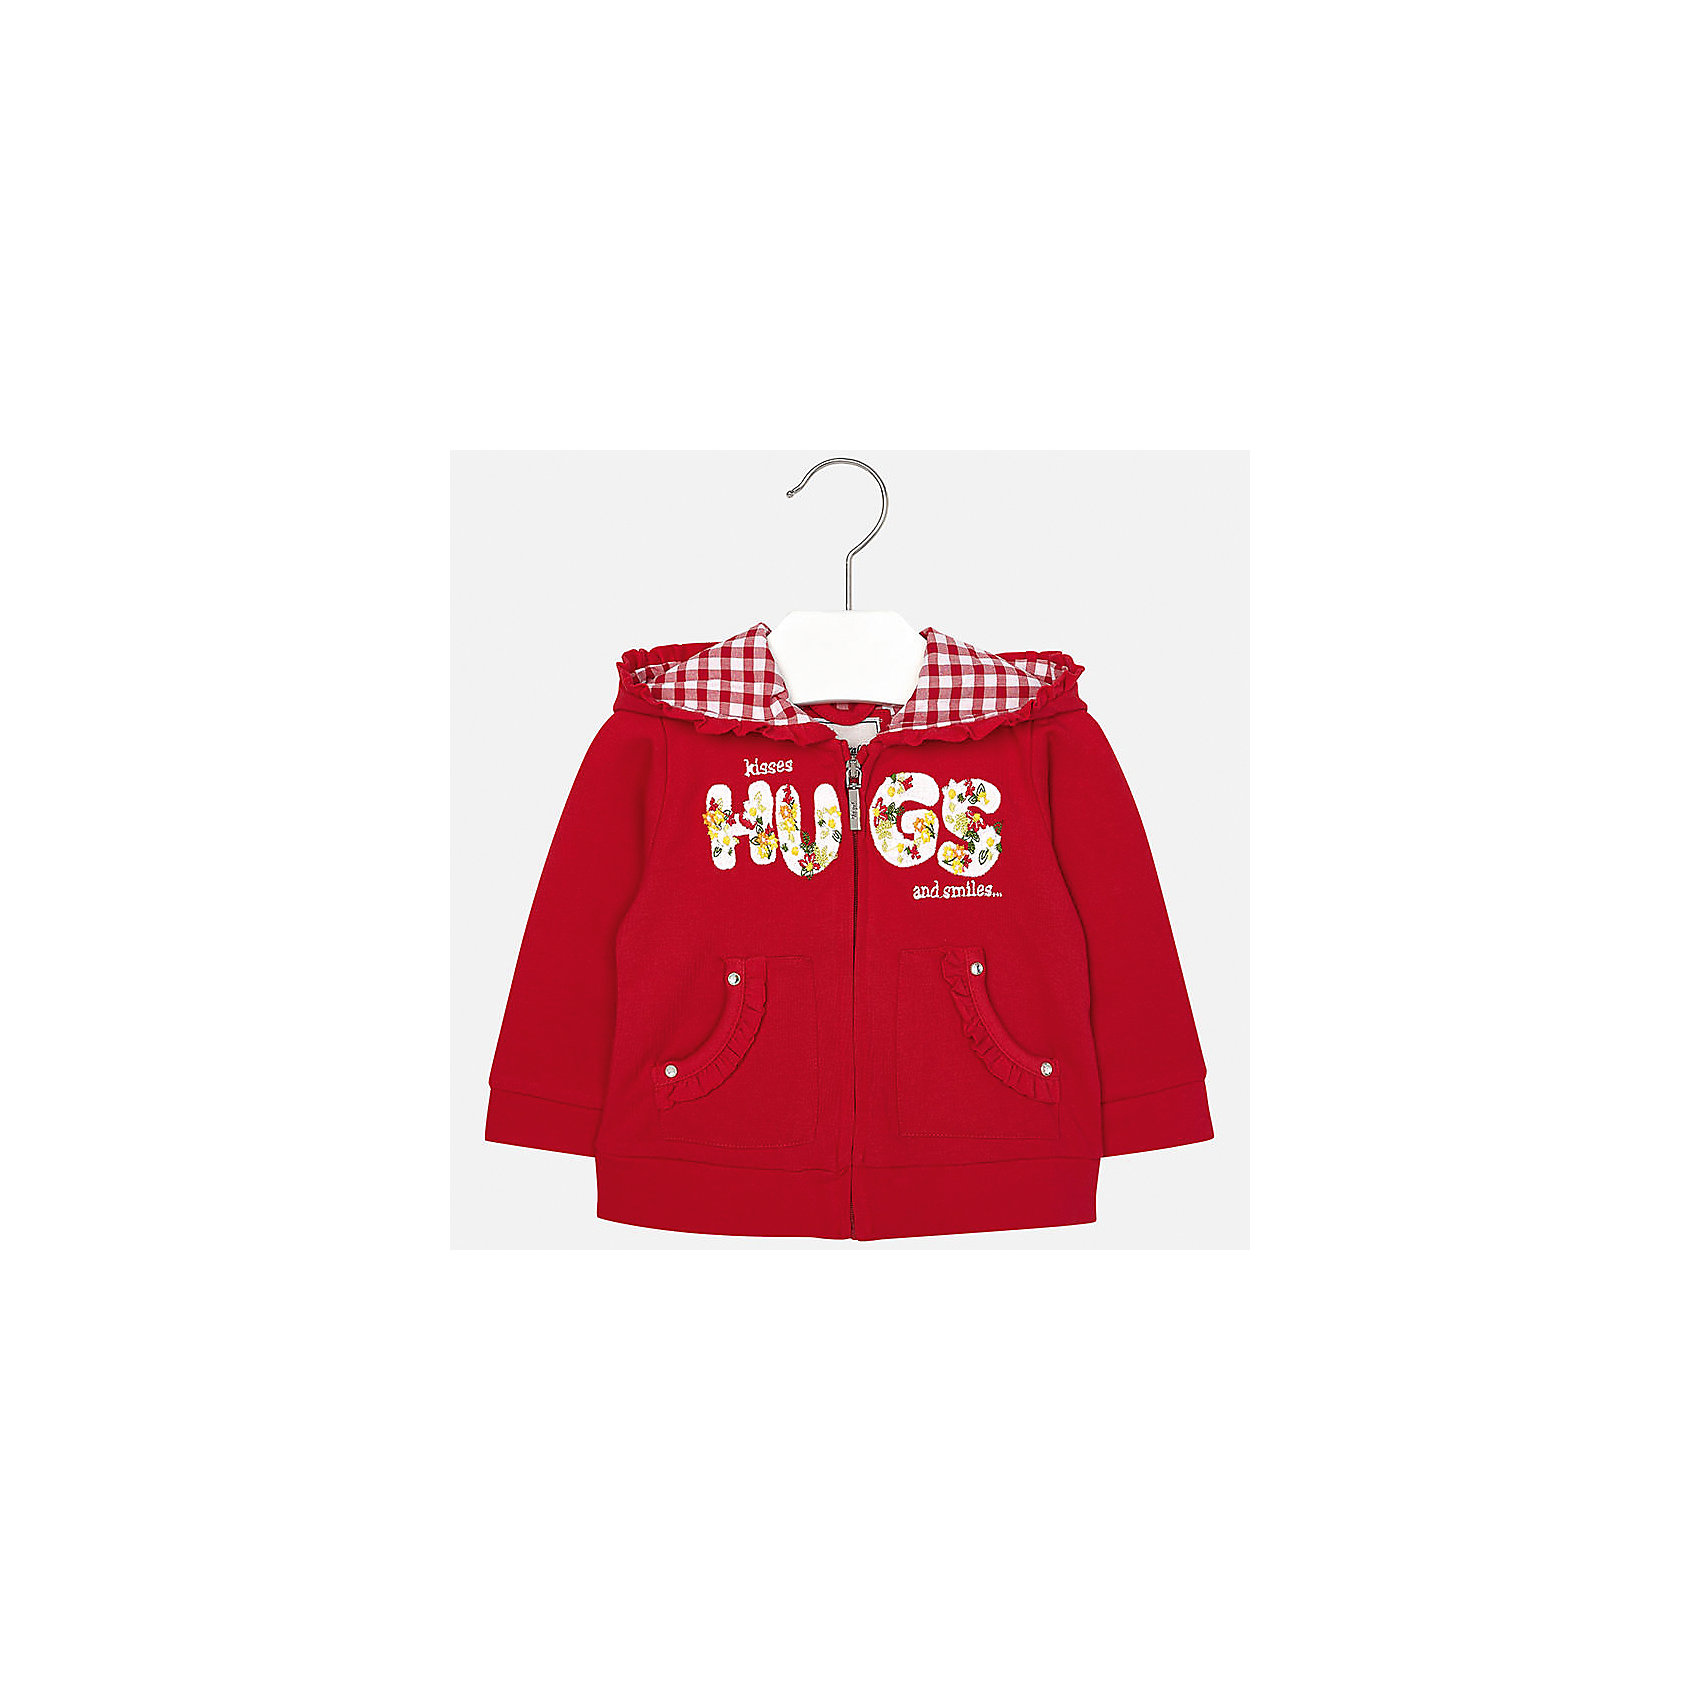 Куртка для девочки MayoralХарактеристики товара:<br><br>• цвет: красный<br>• состав: 98% хлопок, 2% эластан<br>• застежка: молния<br>• декорирована вышивкой<br>• капюшон<br>• карманы<br>• оборка на капюшоне<br>• манжеты<br>• длинные рукава<br>• страна бренда: Испания<br><br>Симпатичная куртка для девочки поможет разнообразить гардероб ребенка и украсить наряд. Она отлично сочетается и с юбками, и с шортами, и с брюками. Универсальный цвет позволяет подобрать к вещи низ практически любой расцветки. Интересная отделка модели делает её нарядной и оригинальной. В составе материала - натуральный хлопок, гипоаллергенный, приятный на ощупь, дышащий.<br><br>Одежда, обувь и аксессуары от испанского бренда Mayoral полюбились детям и взрослым по всему миру. Модели этой марки - стильные и удобные. Для их производства используются только безопасные, качественные материалы и фурнитура. Порадуйте ребенка модными и красивыми вещами от Mayoral! <br><br>Куртку для девочки от испанского бренда Mayoral (Майорал) можно купить в нашем интернет-магазине.<br><br>Ширина мм: 356<br>Глубина мм: 10<br>Высота мм: 245<br>Вес г: 519<br>Цвет: красный<br>Возраст от месяцев: 6<br>Возраст до месяцев: 9<br>Пол: Женский<br>Возраст: Детский<br>Размер: 74,92,80,86<br>SKU: 5288946